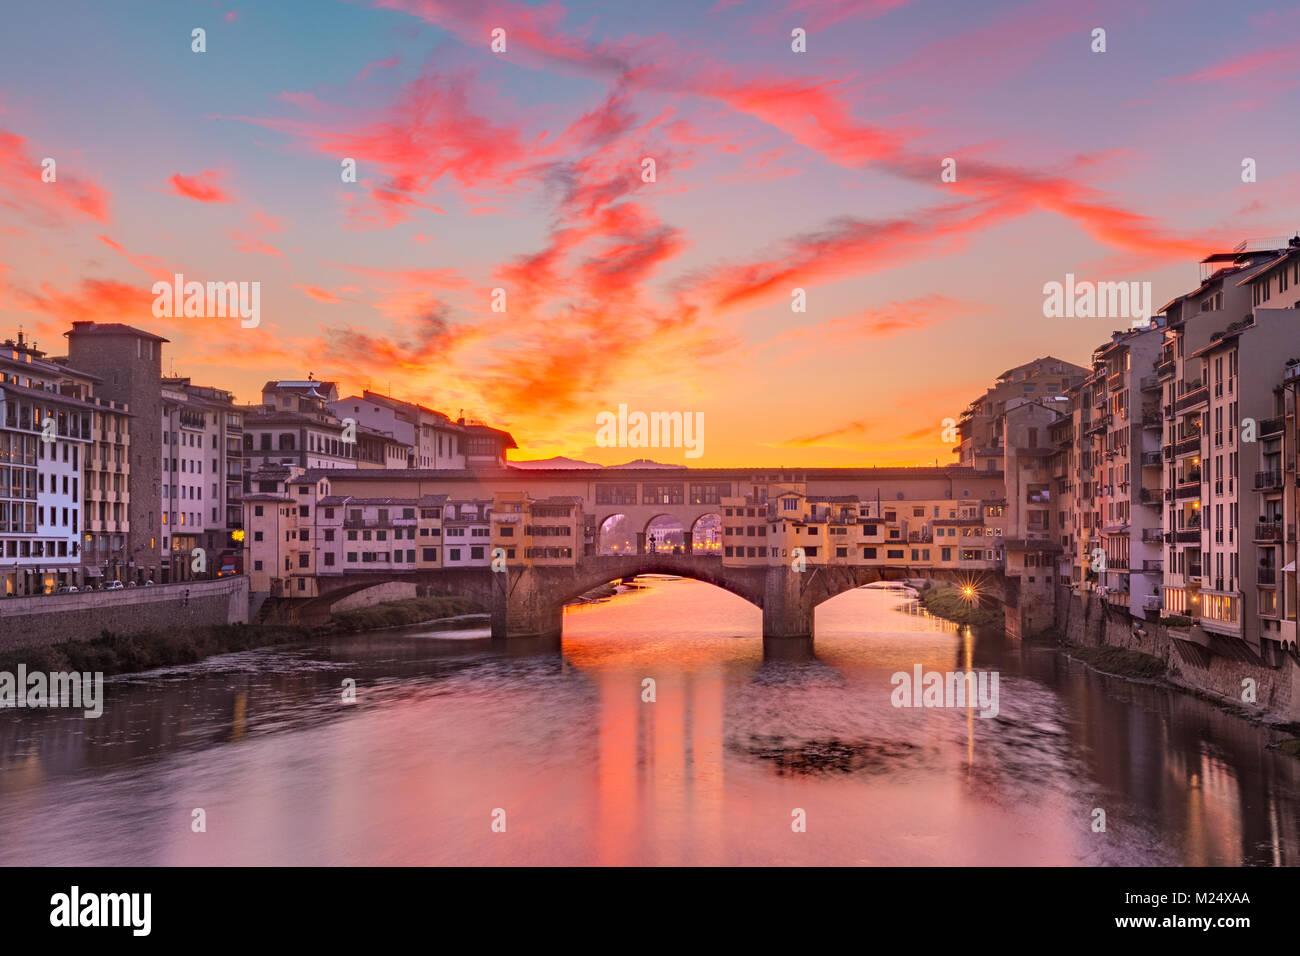 Fluss Arno und Ponte Vecchio in Florenz, Italien Stockbild